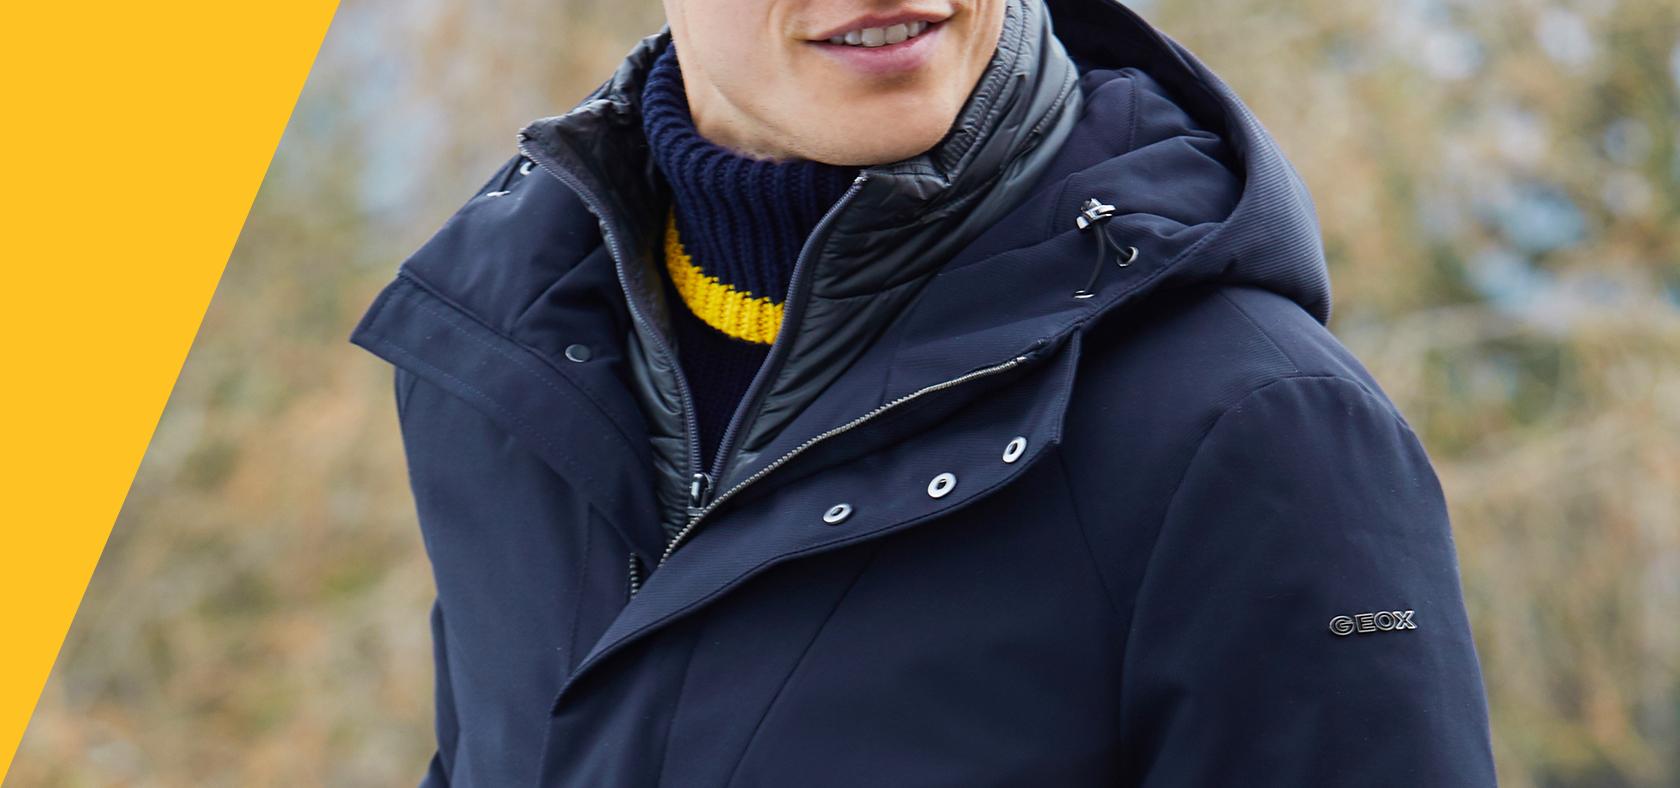 die beste Einstellung 2020 online zum Verkauf Men's Breathable Clothing, Jackets & Outerwear | Geox